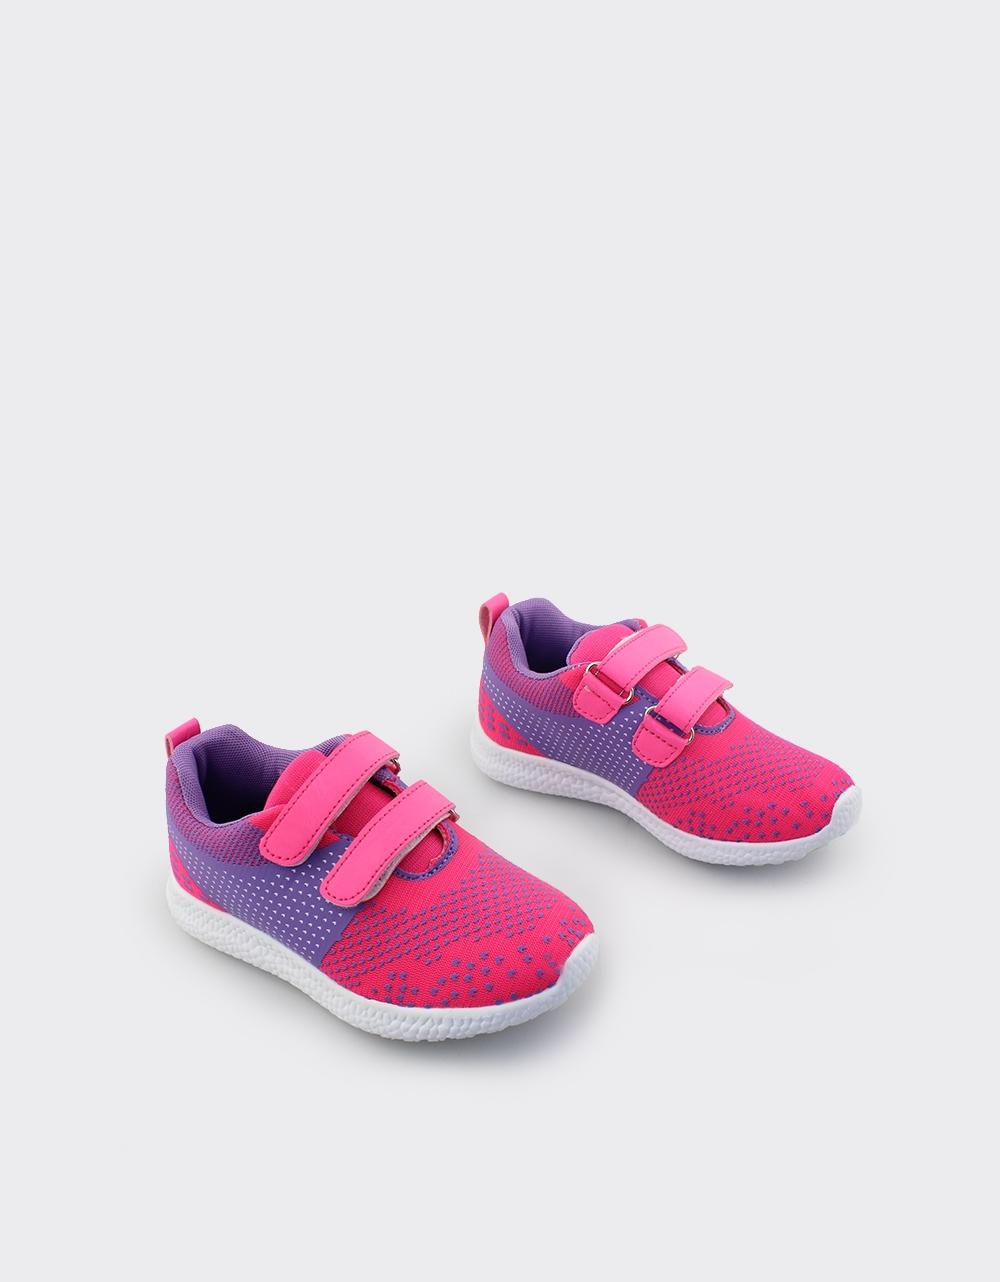 Εικόνα από Παιδικά αθλητικά με διπλό αυτοκόλλητο Ροζ